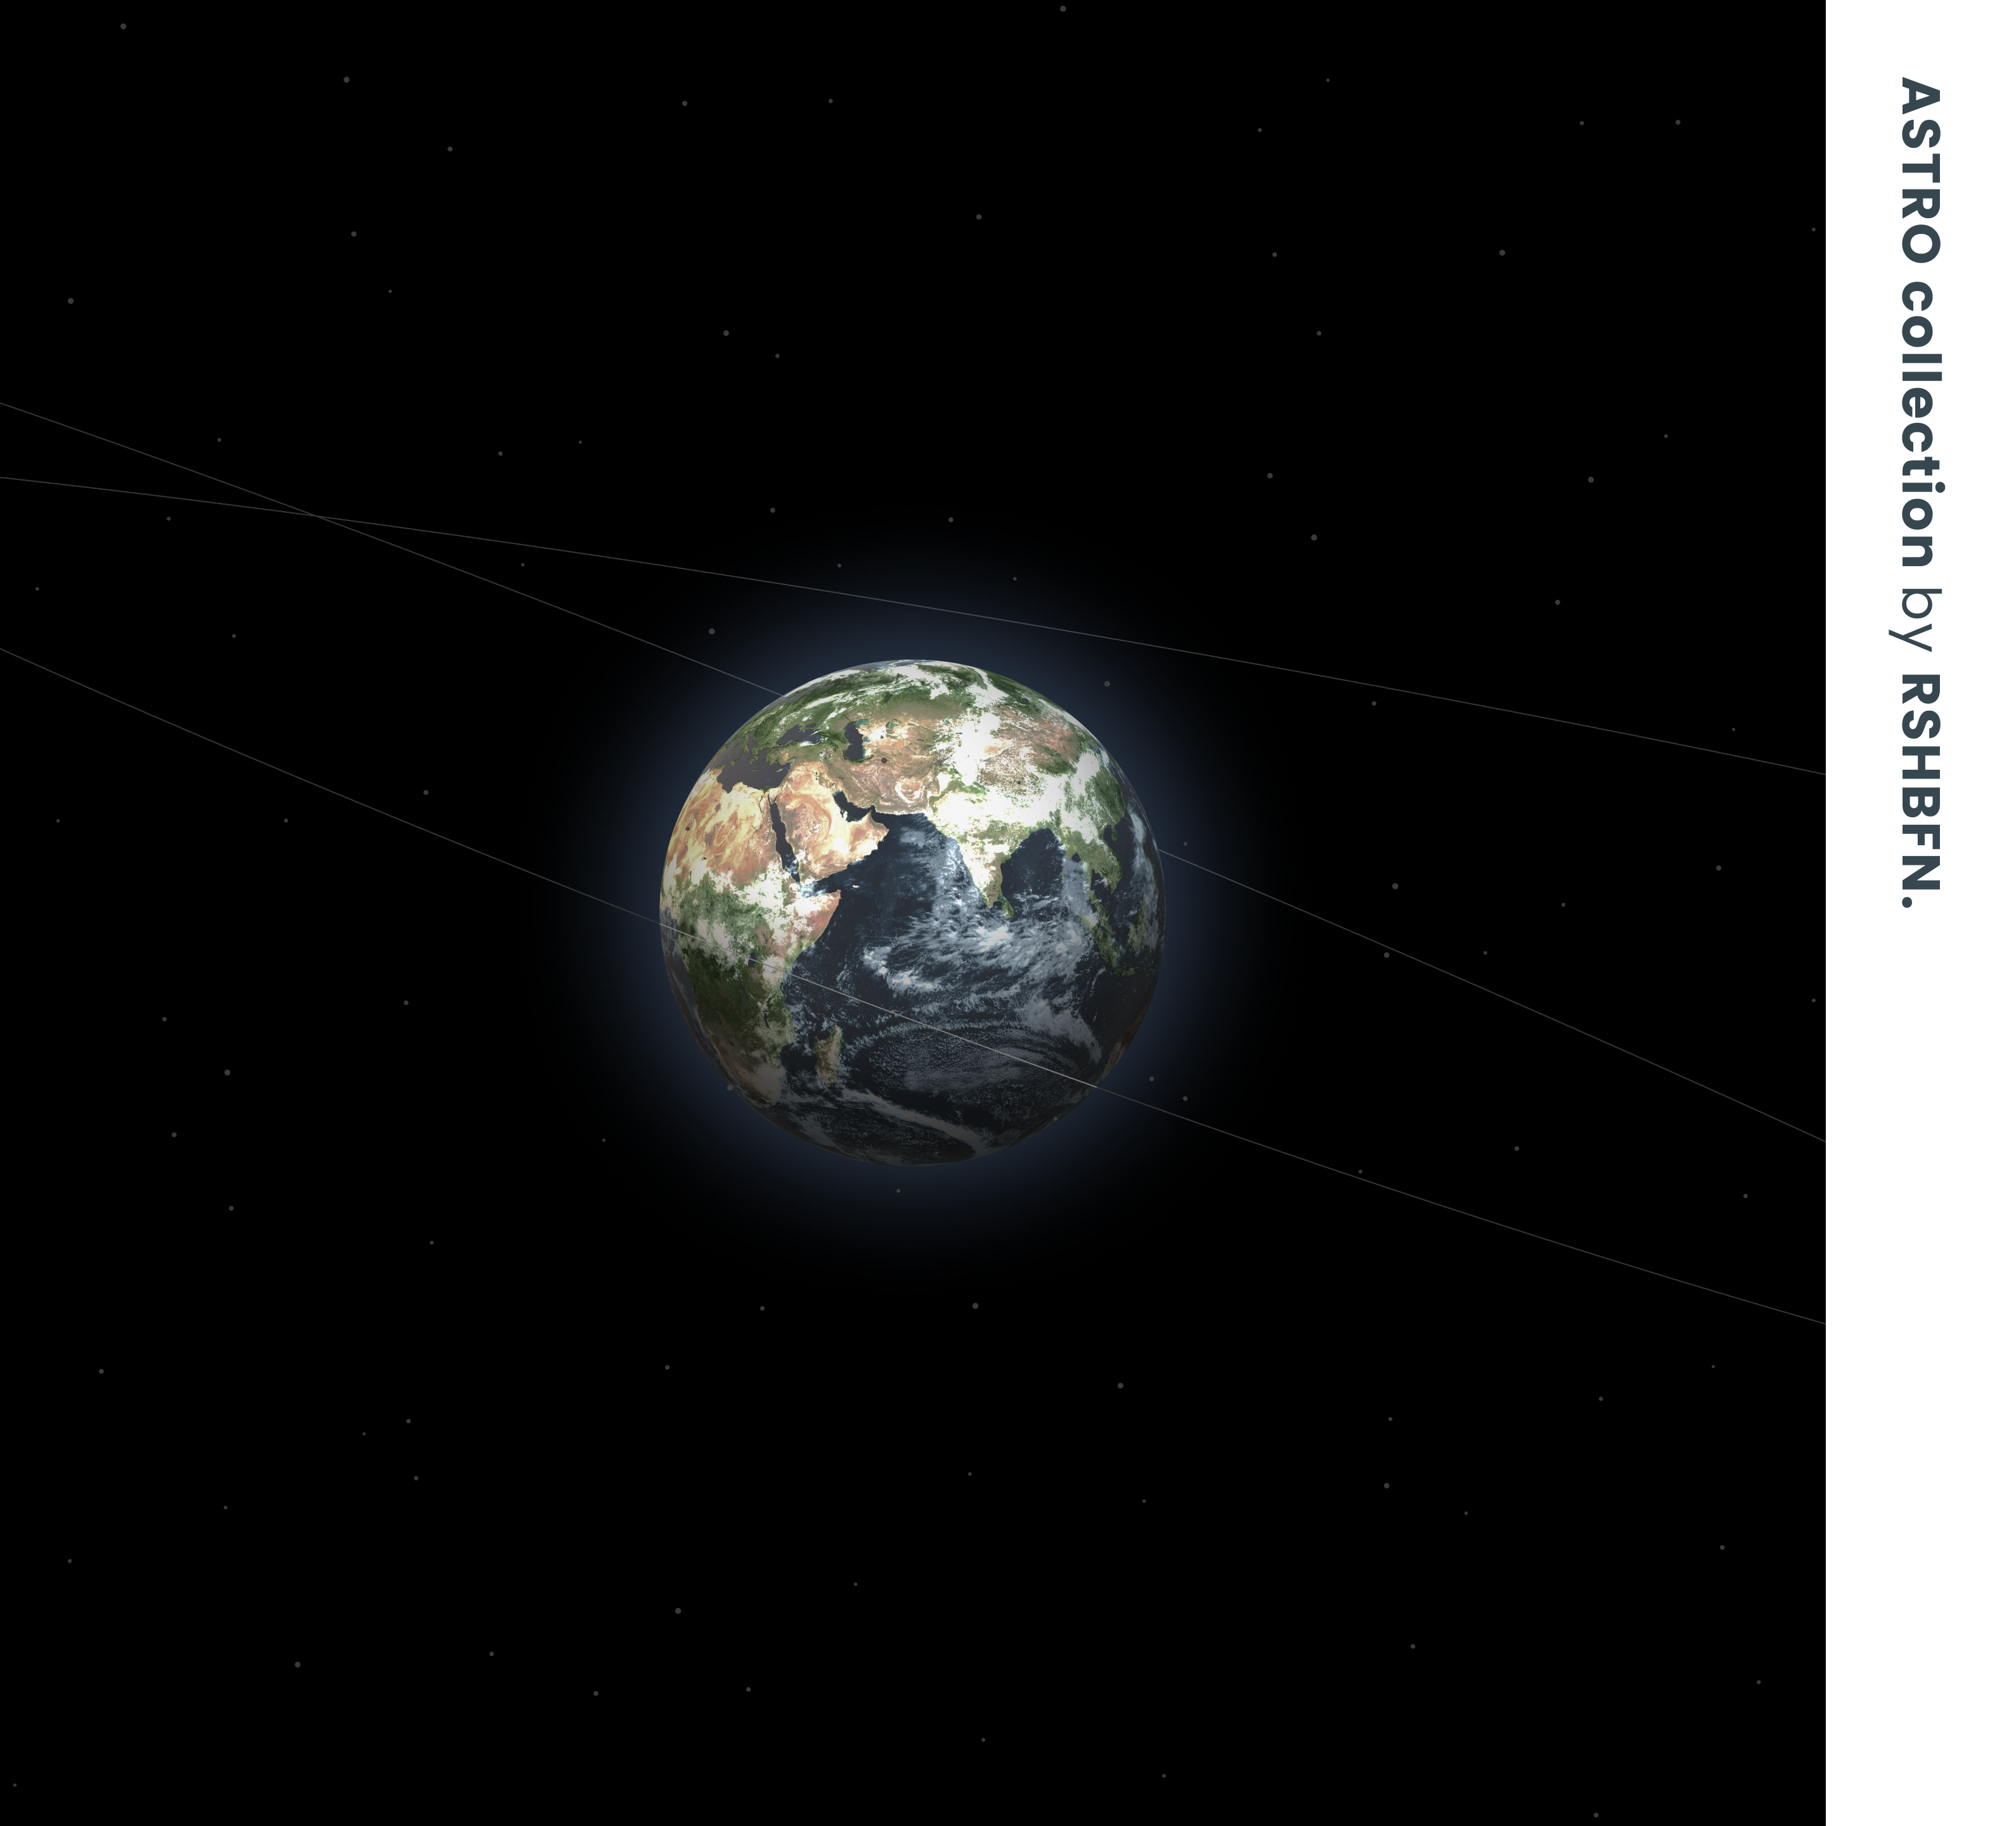 Planet iPhone wallpaper RshBfn iDownloadBlog Astro-1